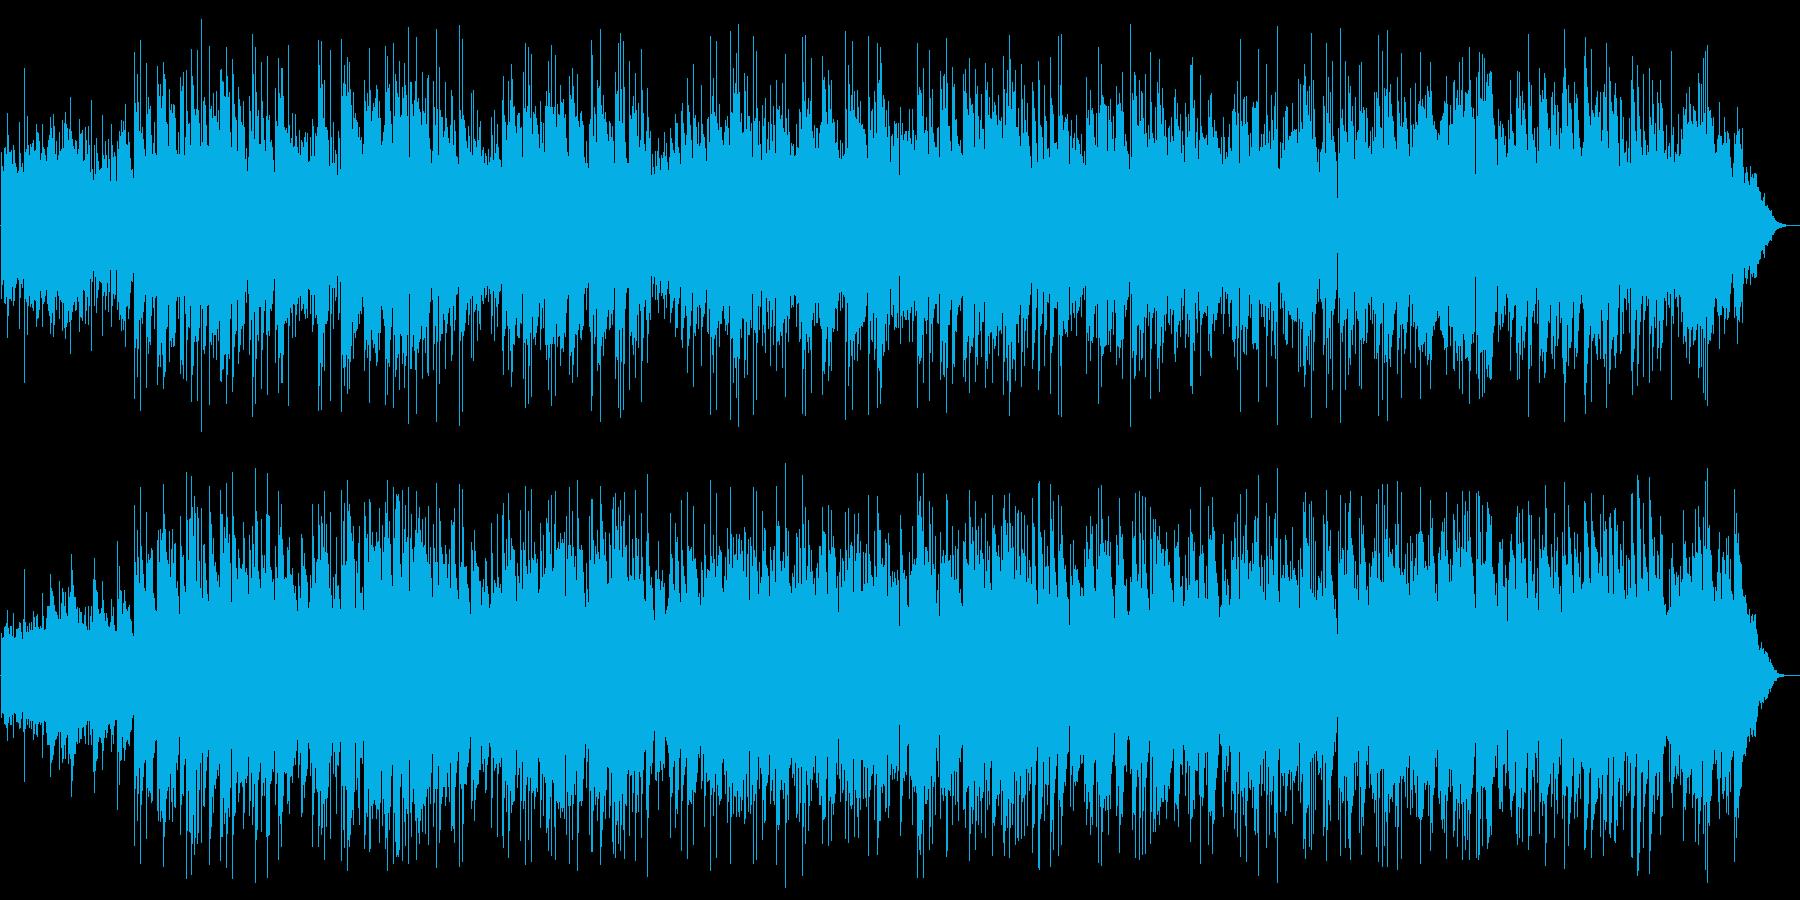 ギターのイージーリスニングの再生済みの波形